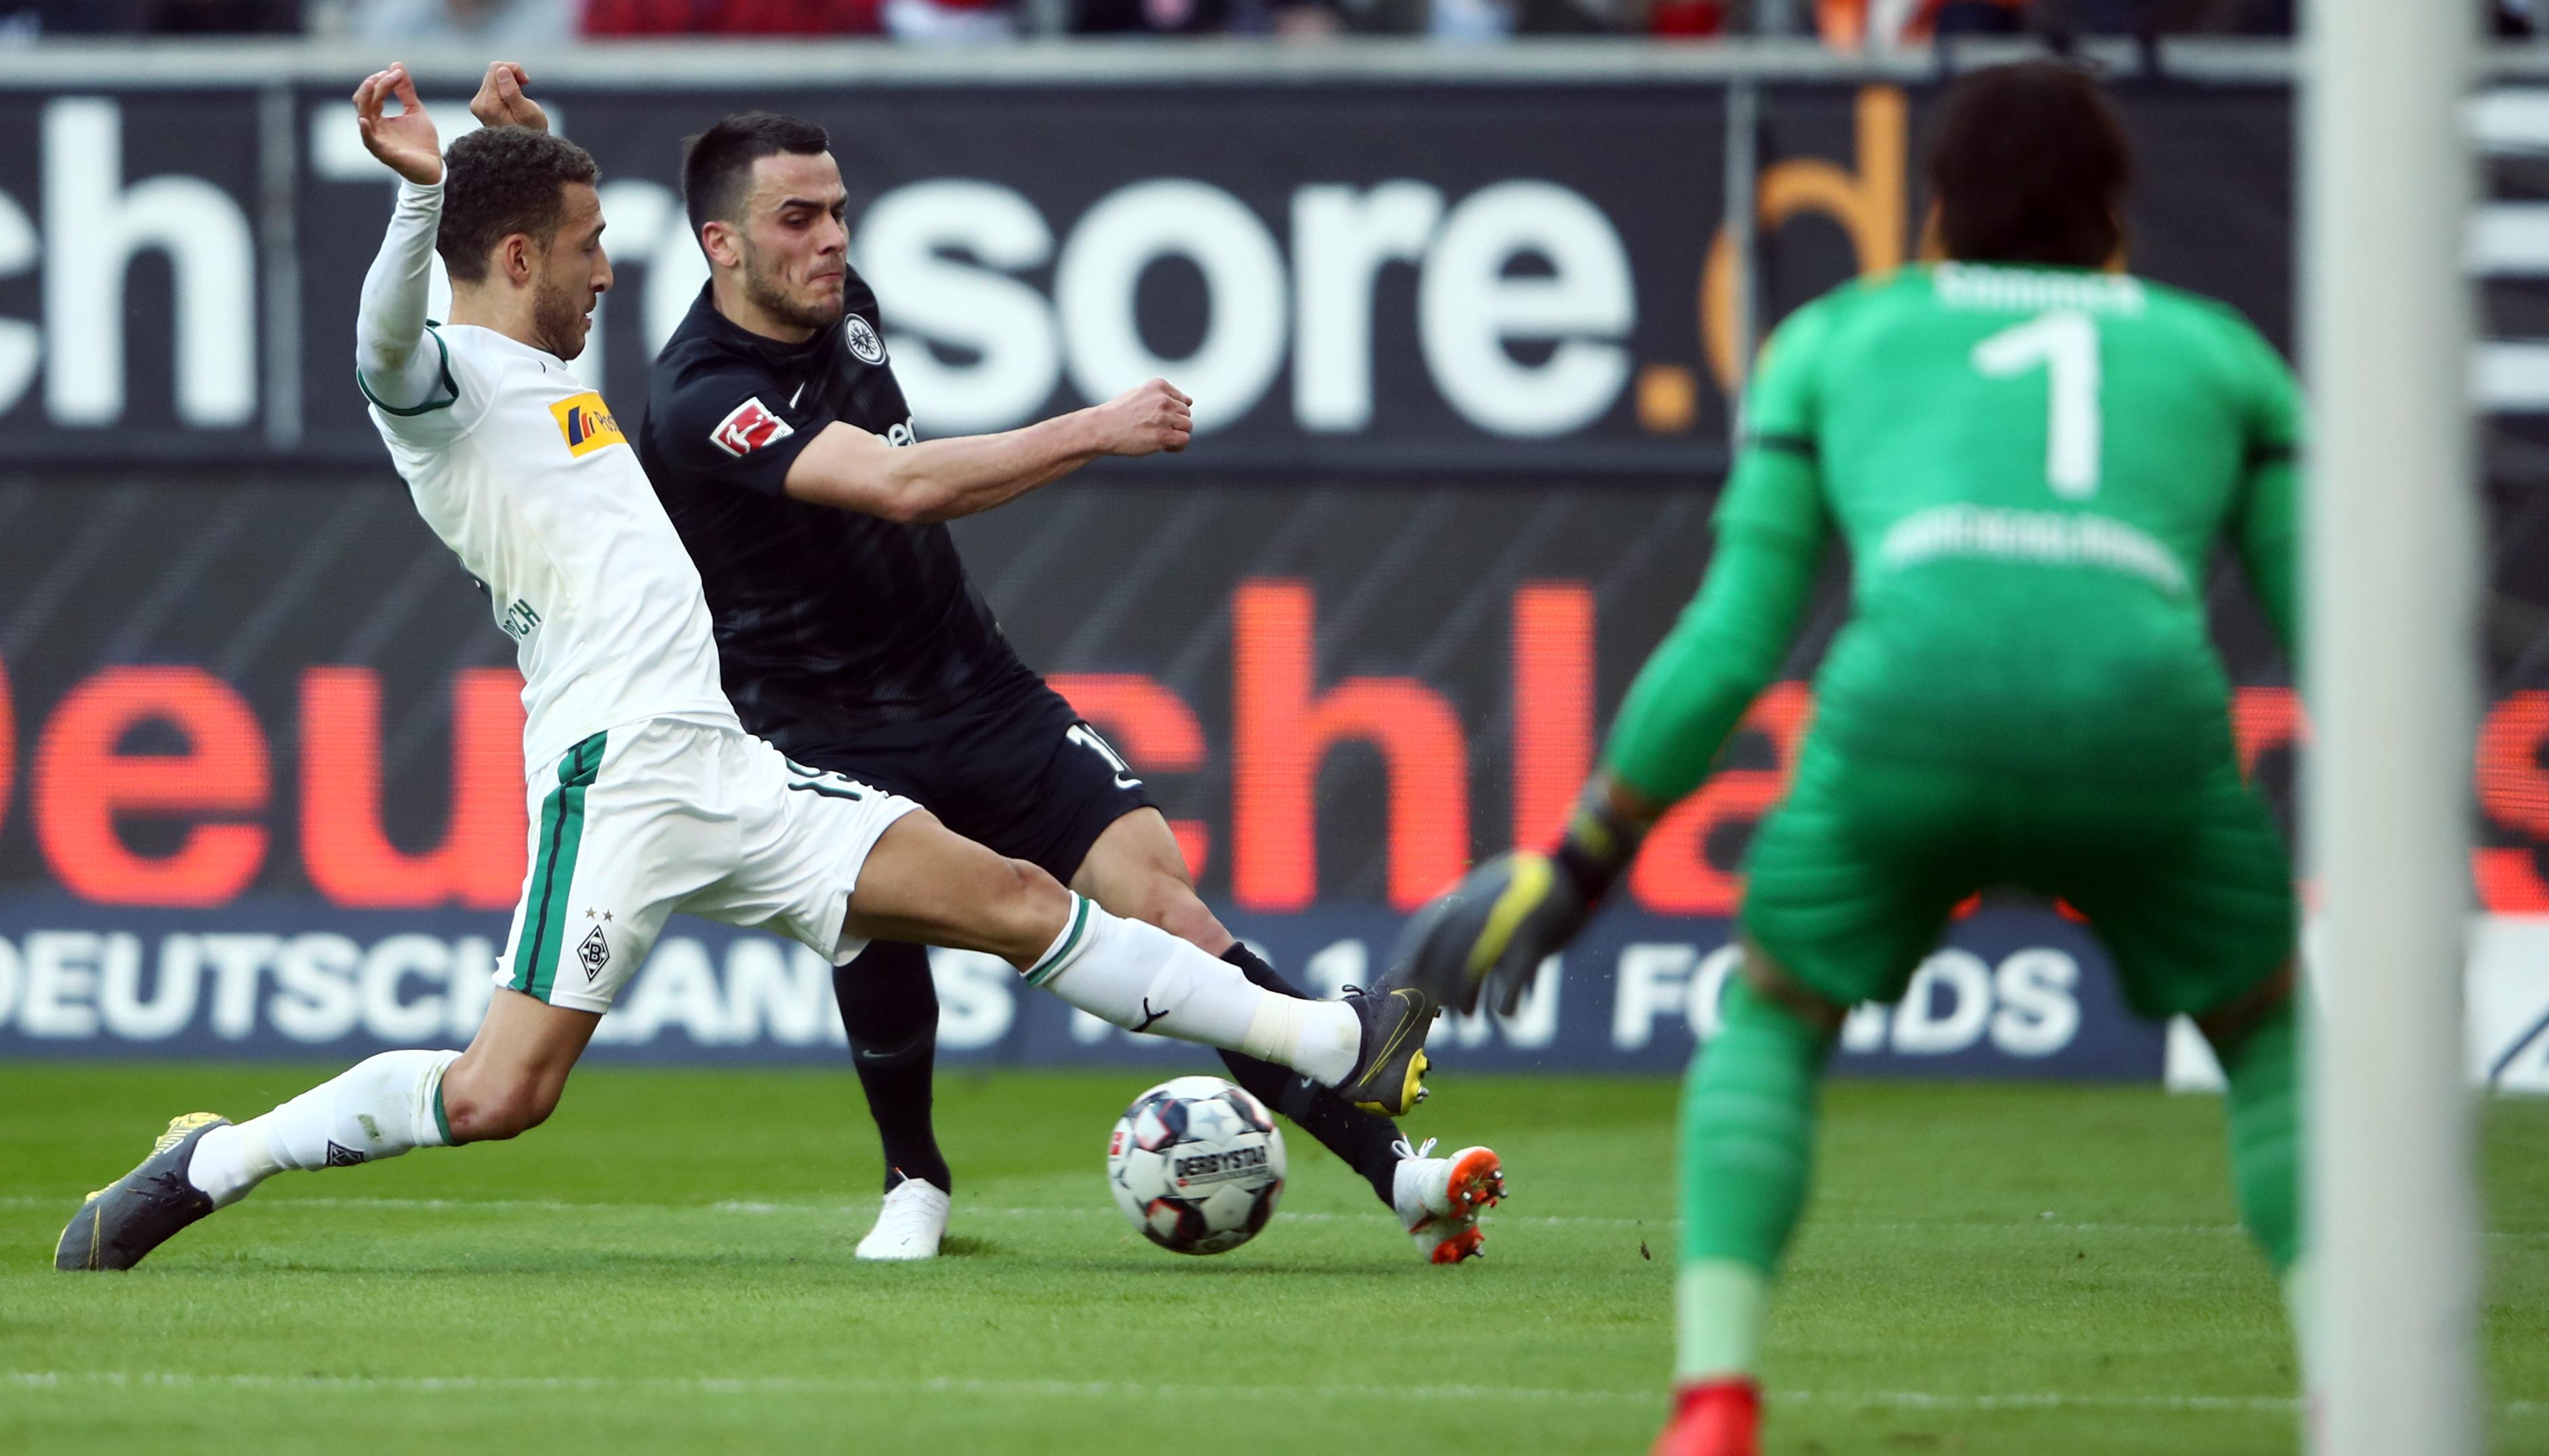 Borussia Mönchengladbach – Eintracht Frankfurt: Alles ist möglich